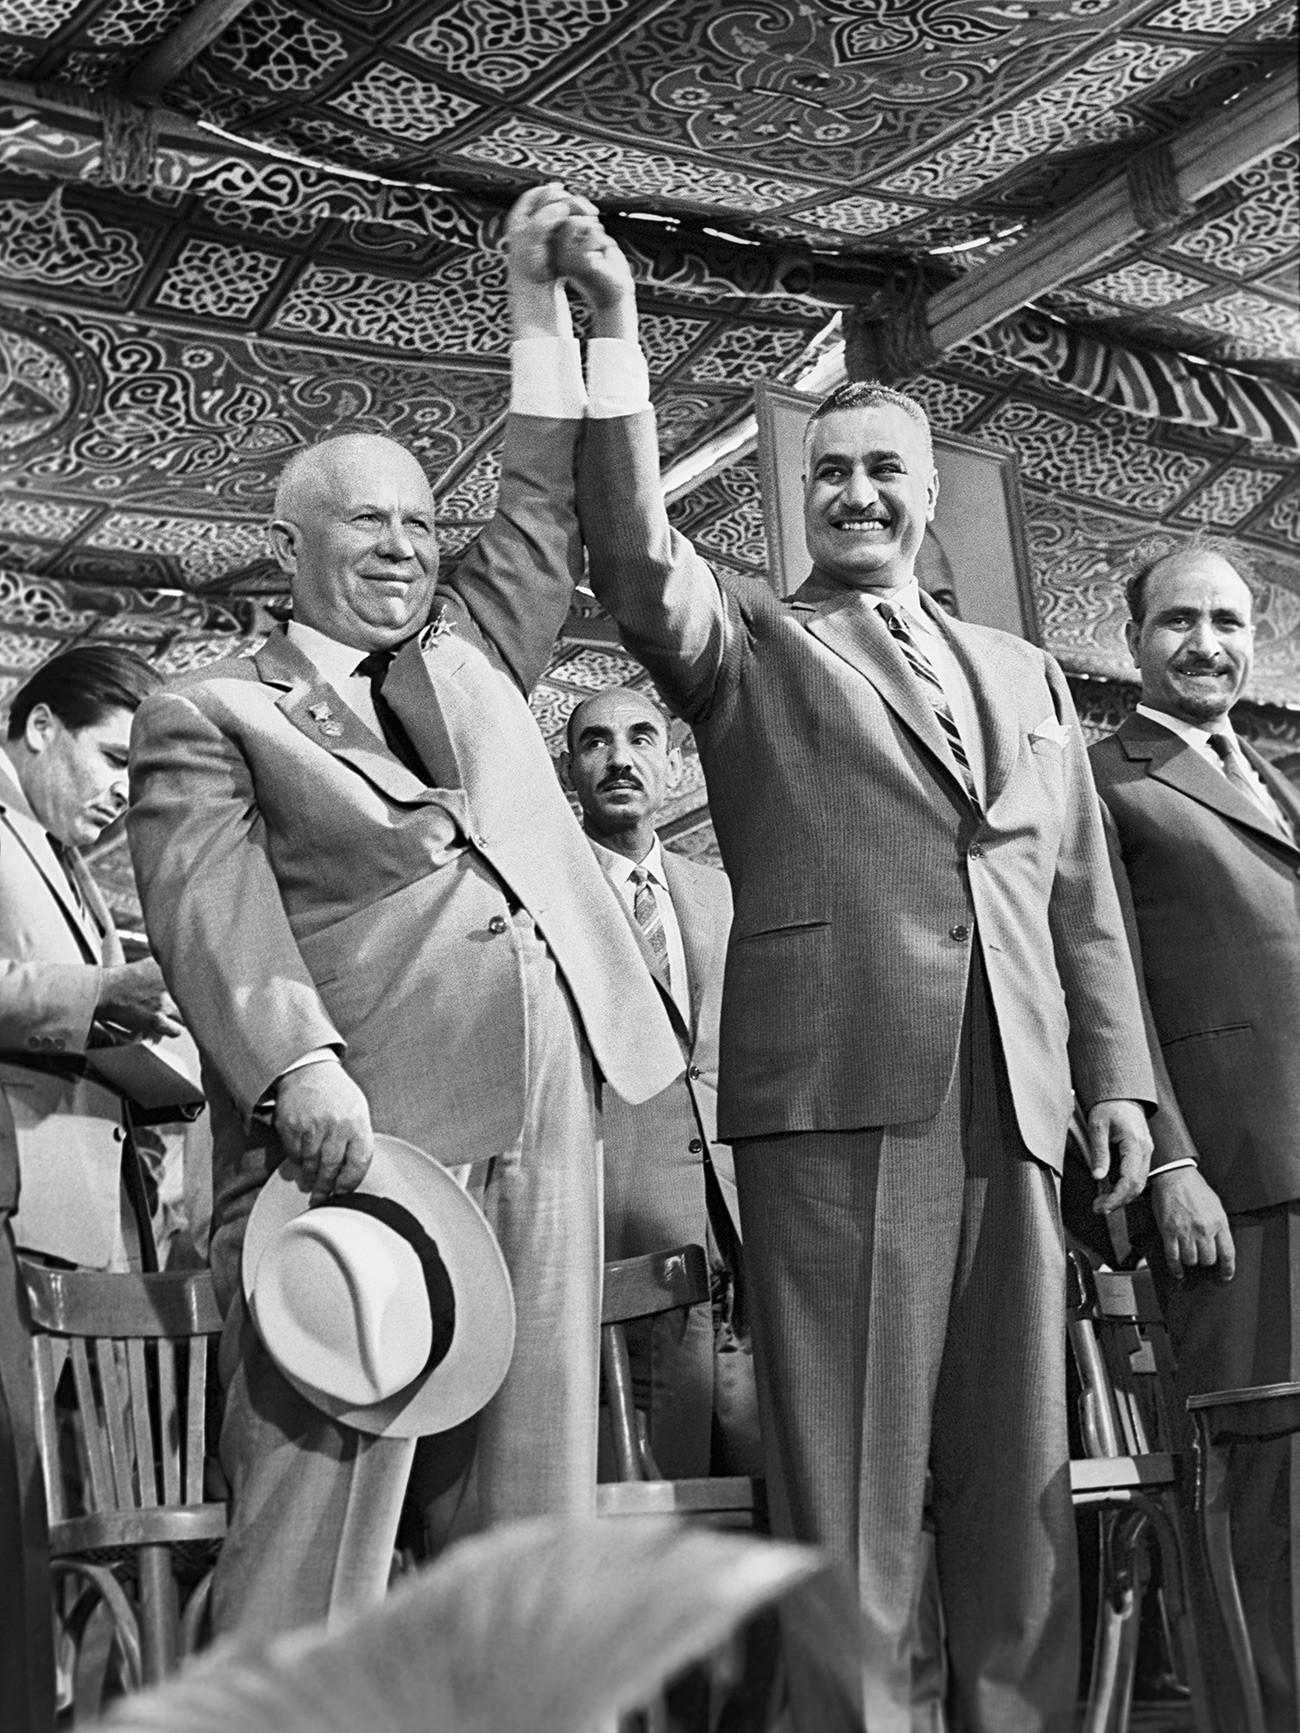 Der sowjetische Generalsekretär Nikita Chruschtschow und der Präsident der Vereinigten Arabischen Republik Gamal Abdel Nasser